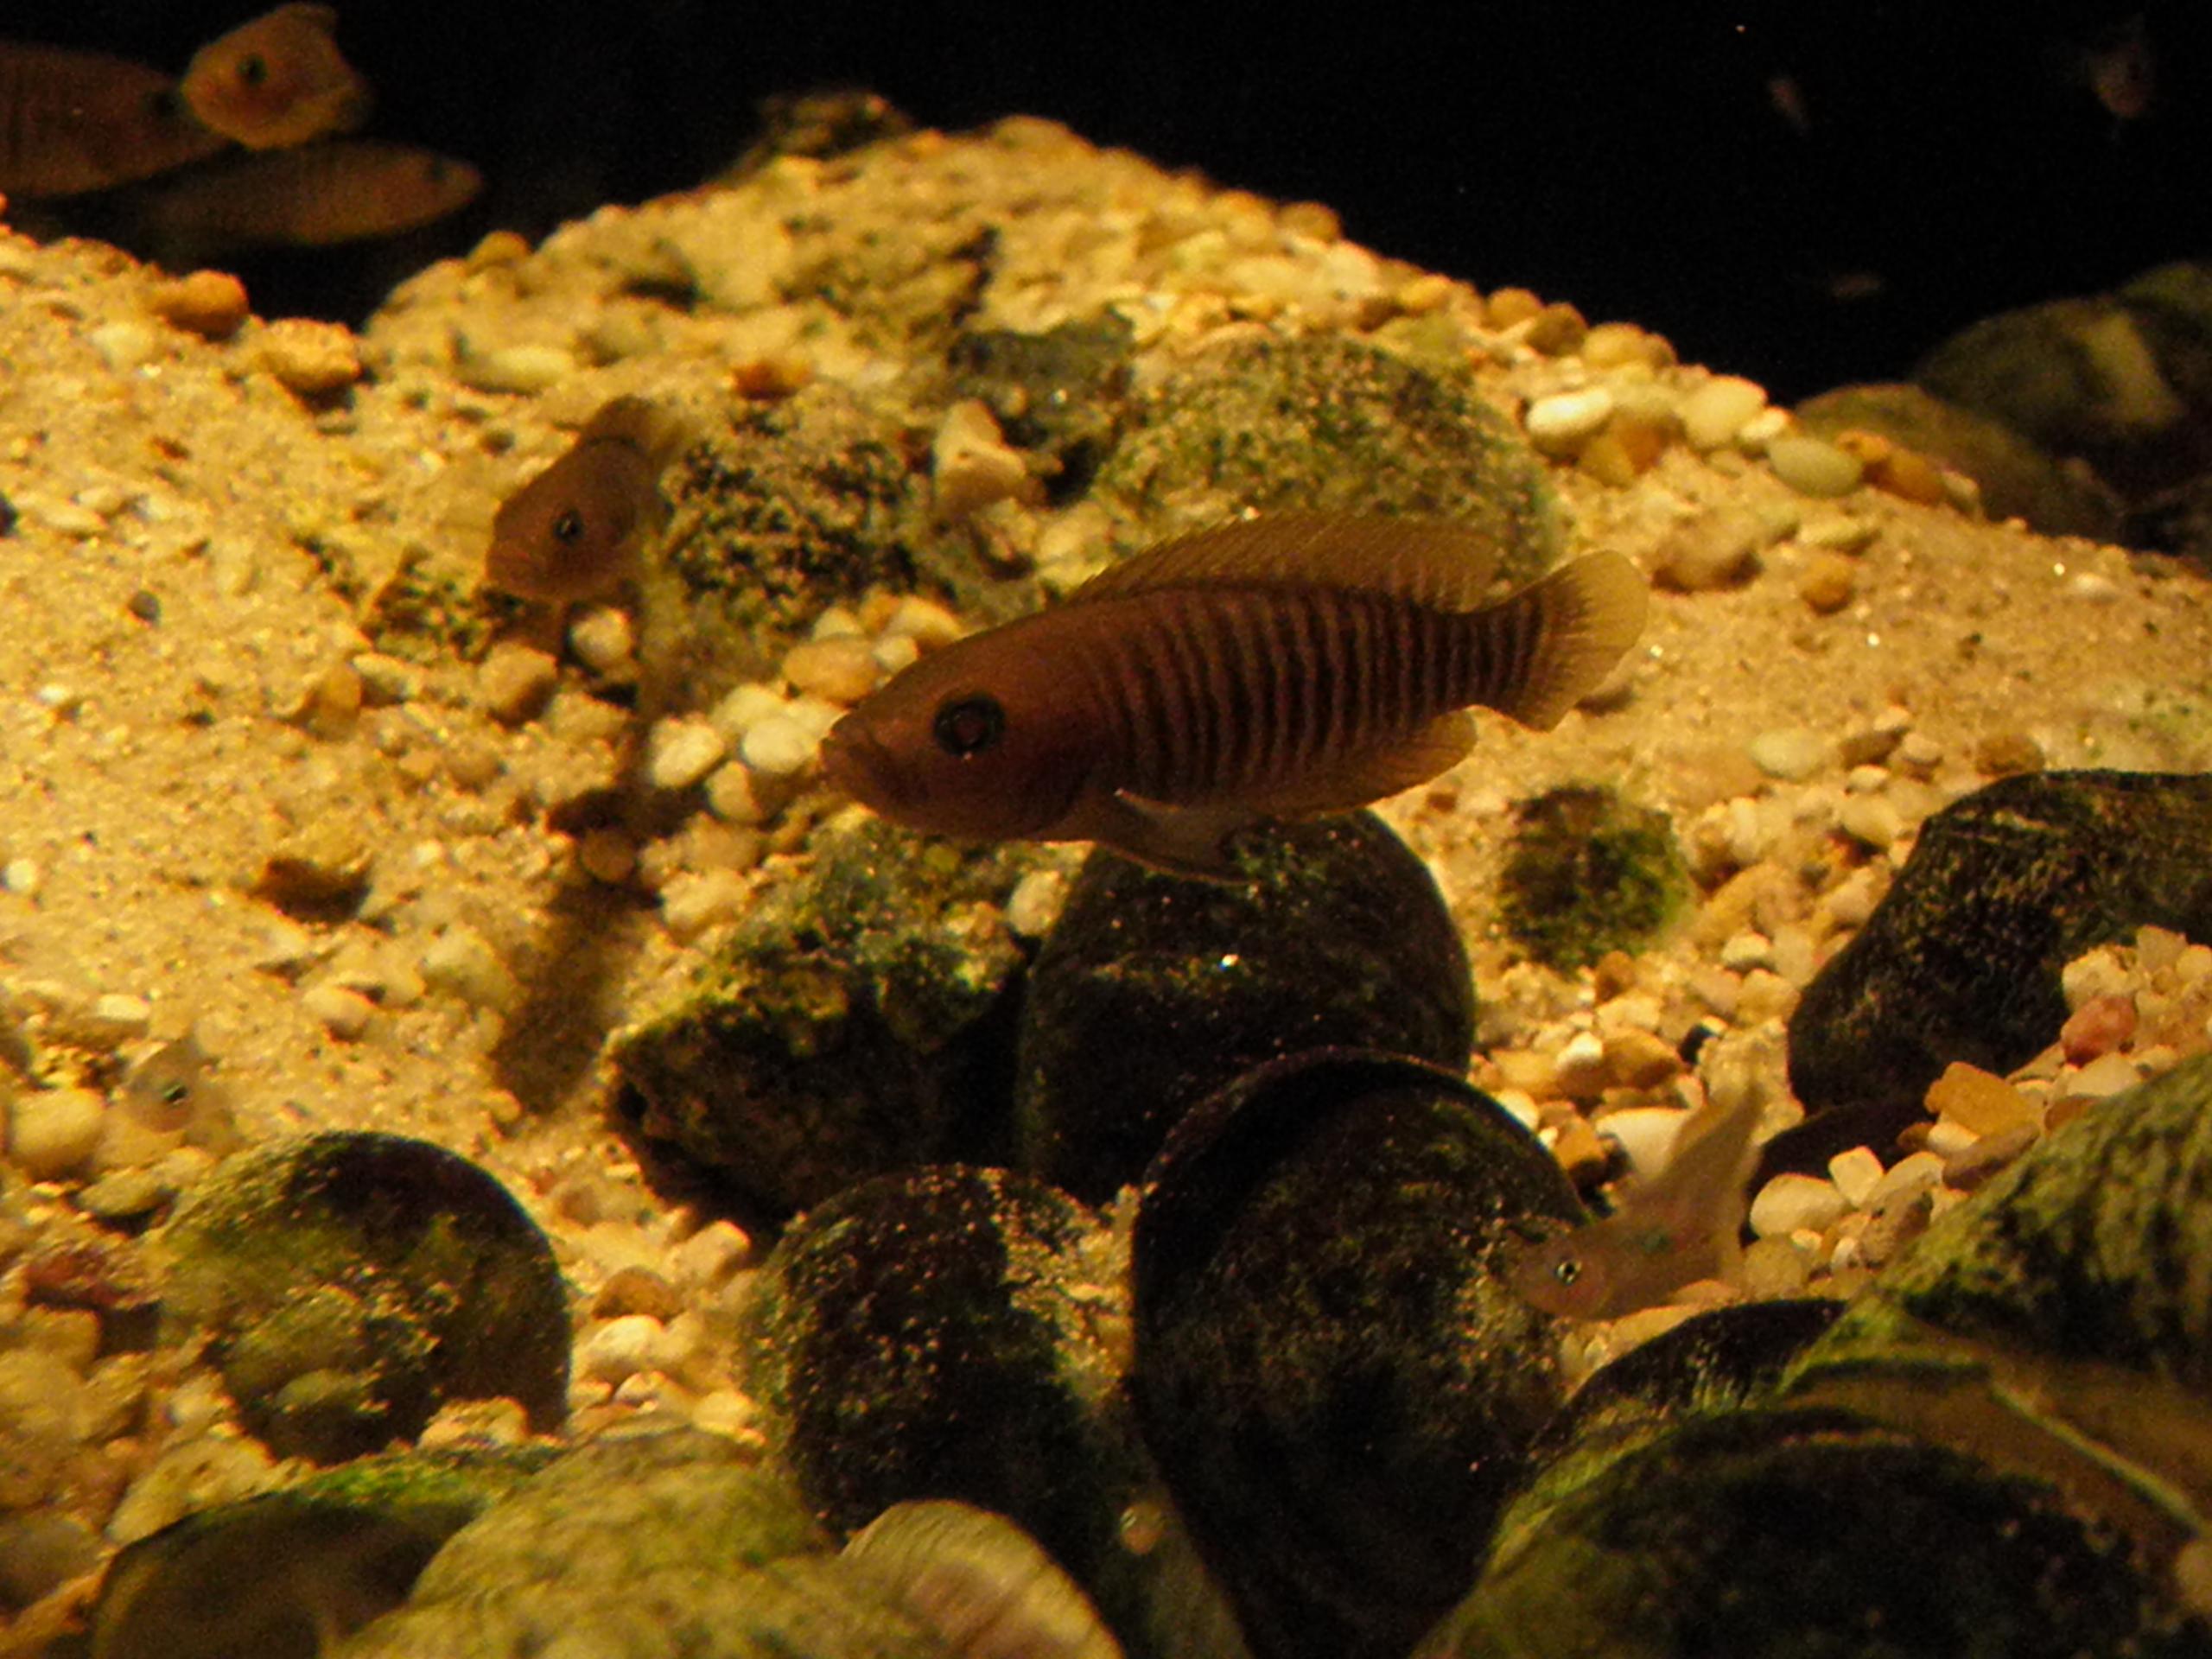 Aquariumservice aquariumgestaltung aquarium reinigen for Aquarium reinigen